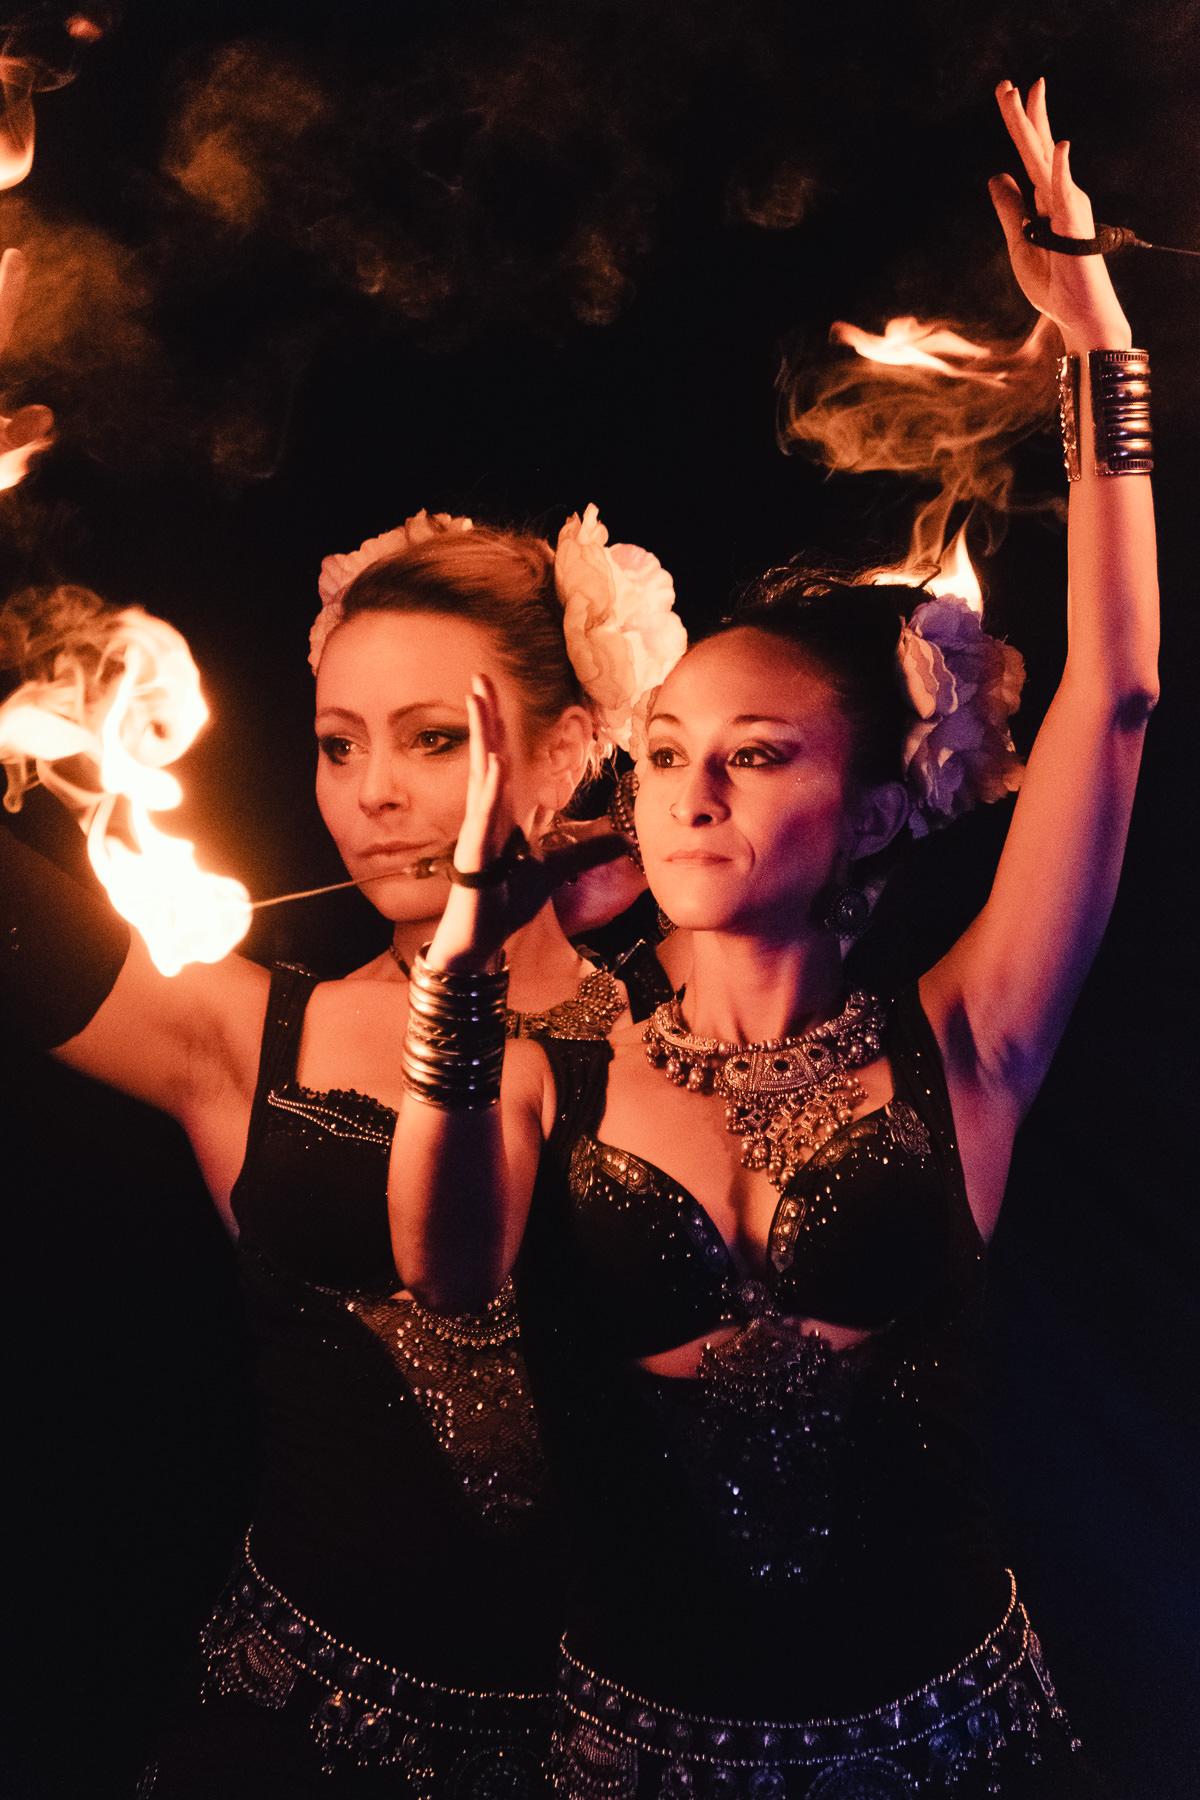 Compagnie Manda Lights, spectacle de feu et de pyrotechnie, photographiée à La Ravoire en 2018 à l'occasion de la fête de La Saint Jean